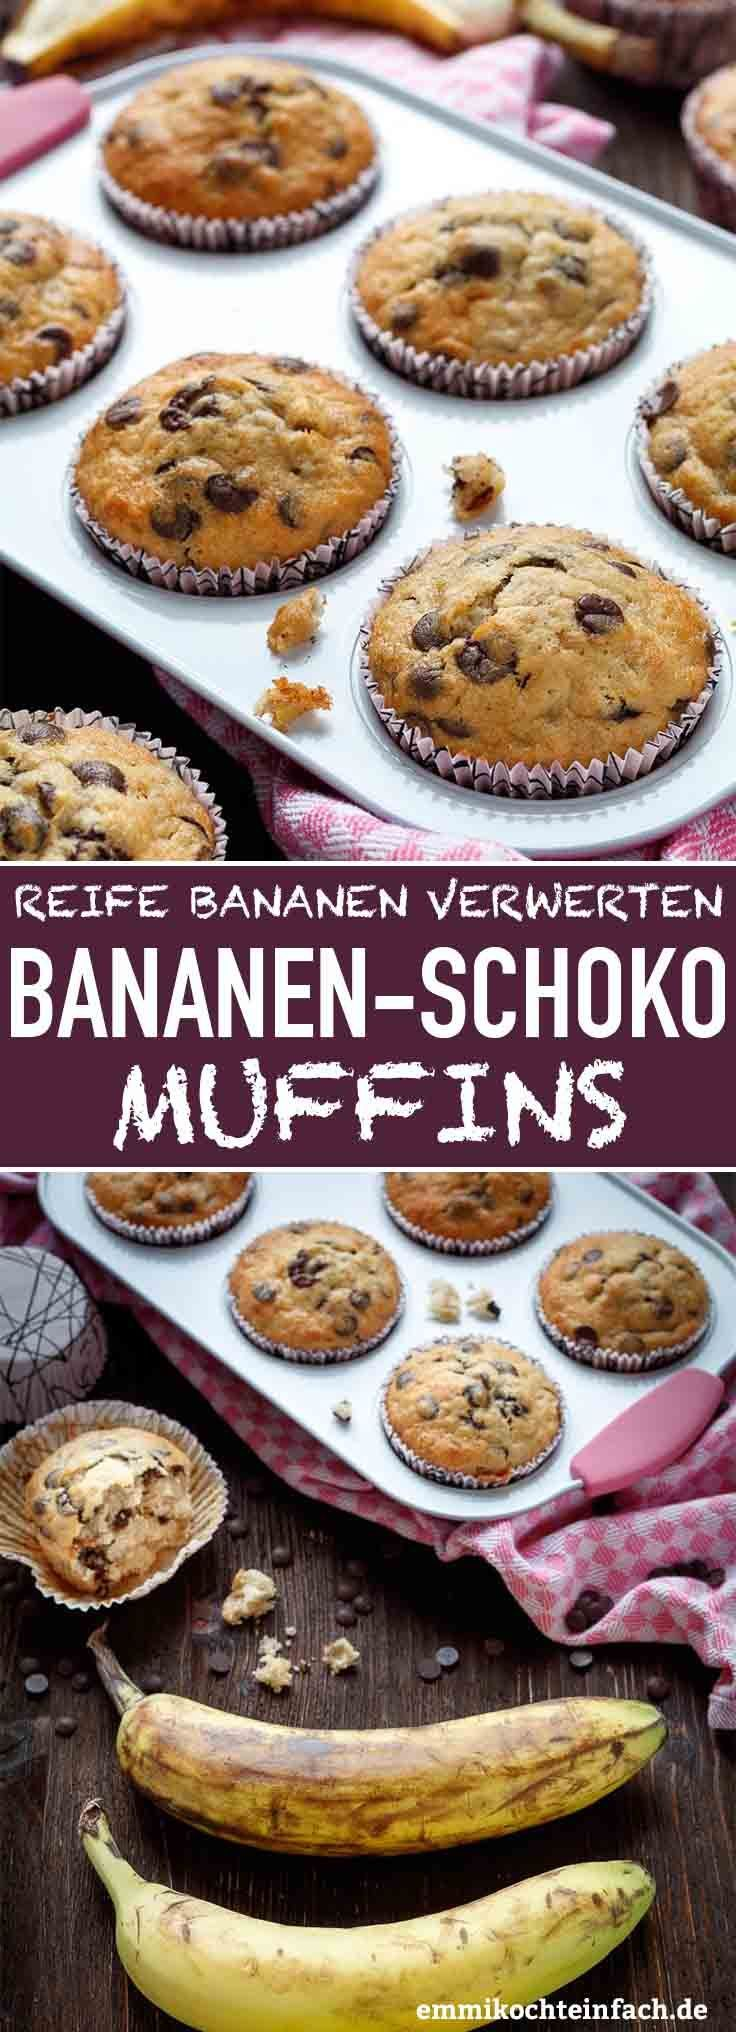 Einfache Bananen-Schoko Muffins